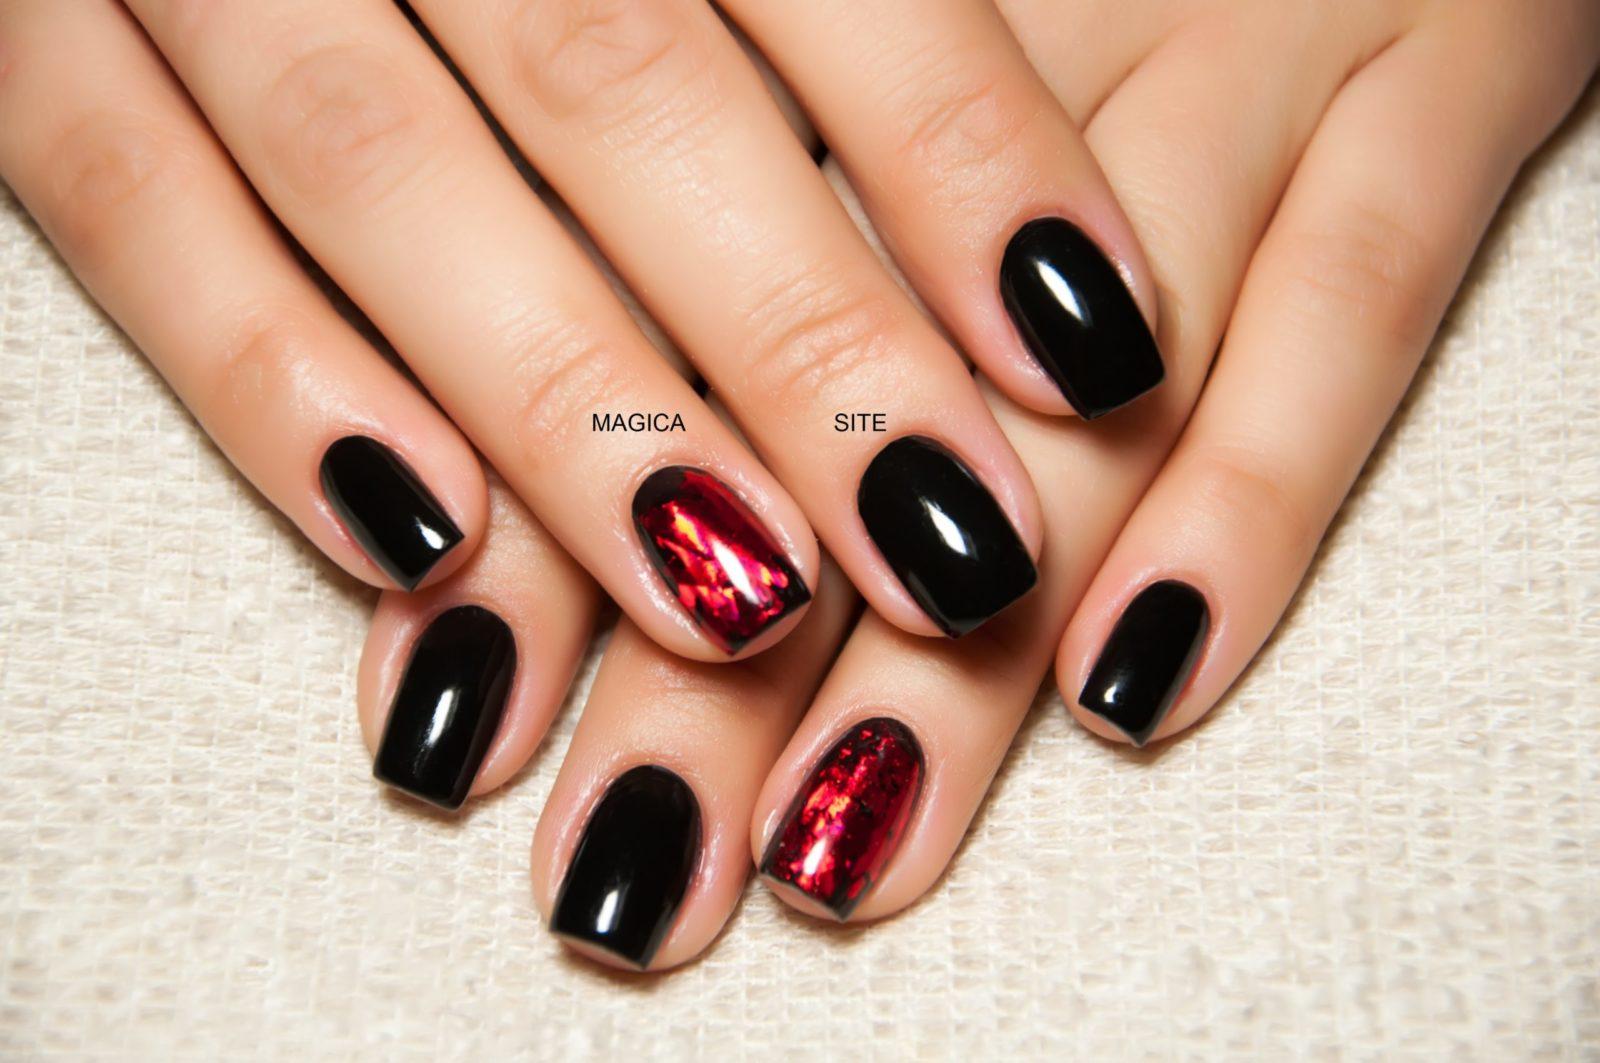 осенний маникюр, комбинированный маникюр, чёрные ногти, фольга, блестящие ногти, блёстки на ногтях, дизайн ногтей, маникюр 2020